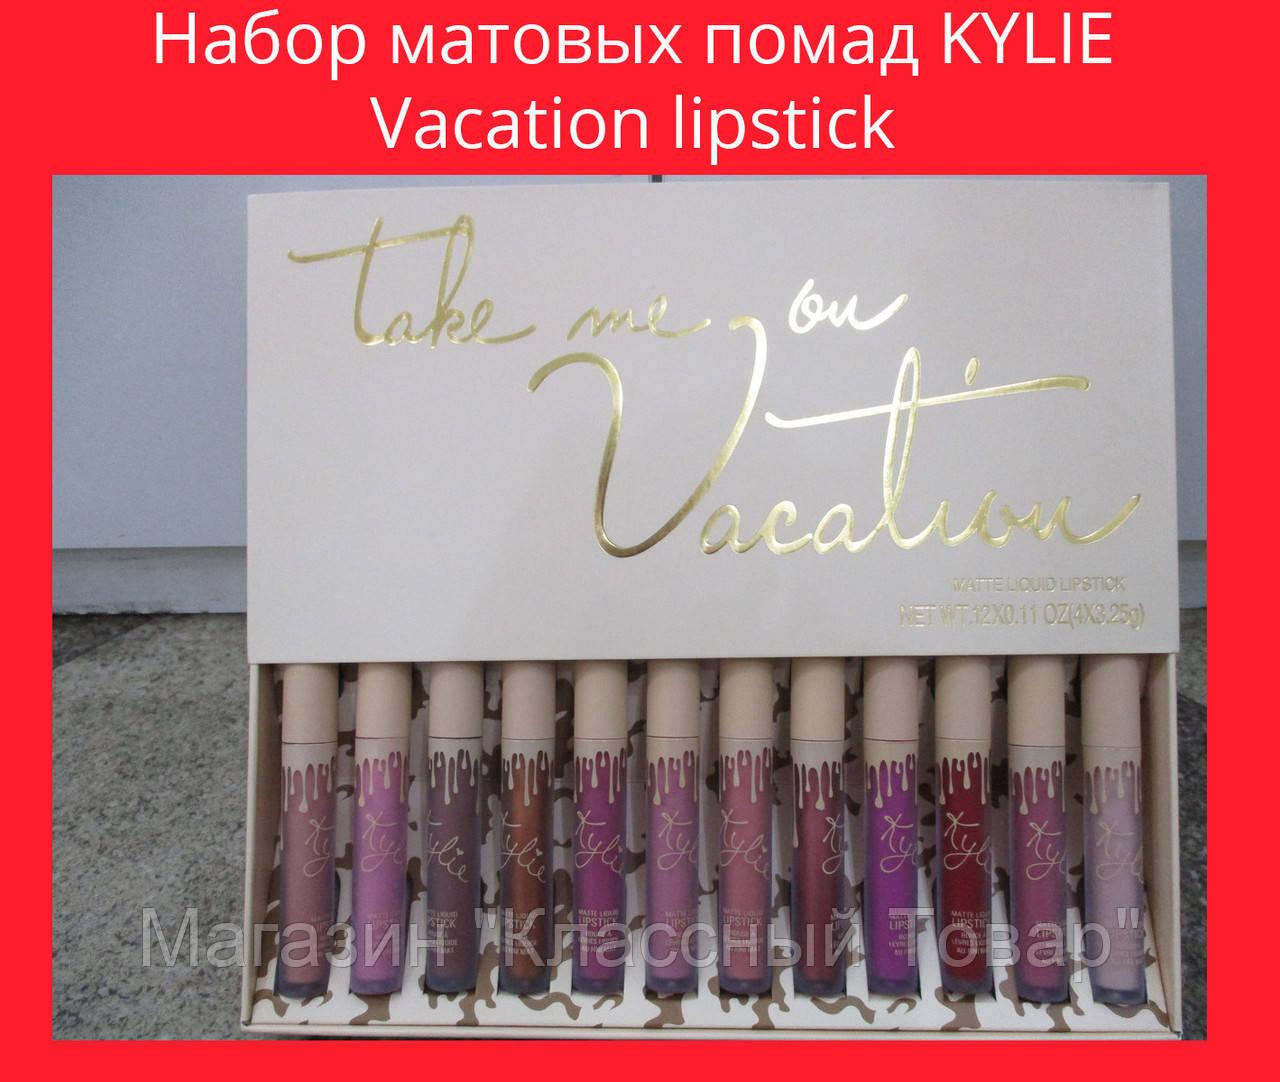 Набор матовых помад KYLIE Vacation lipstick! Лучший подарок